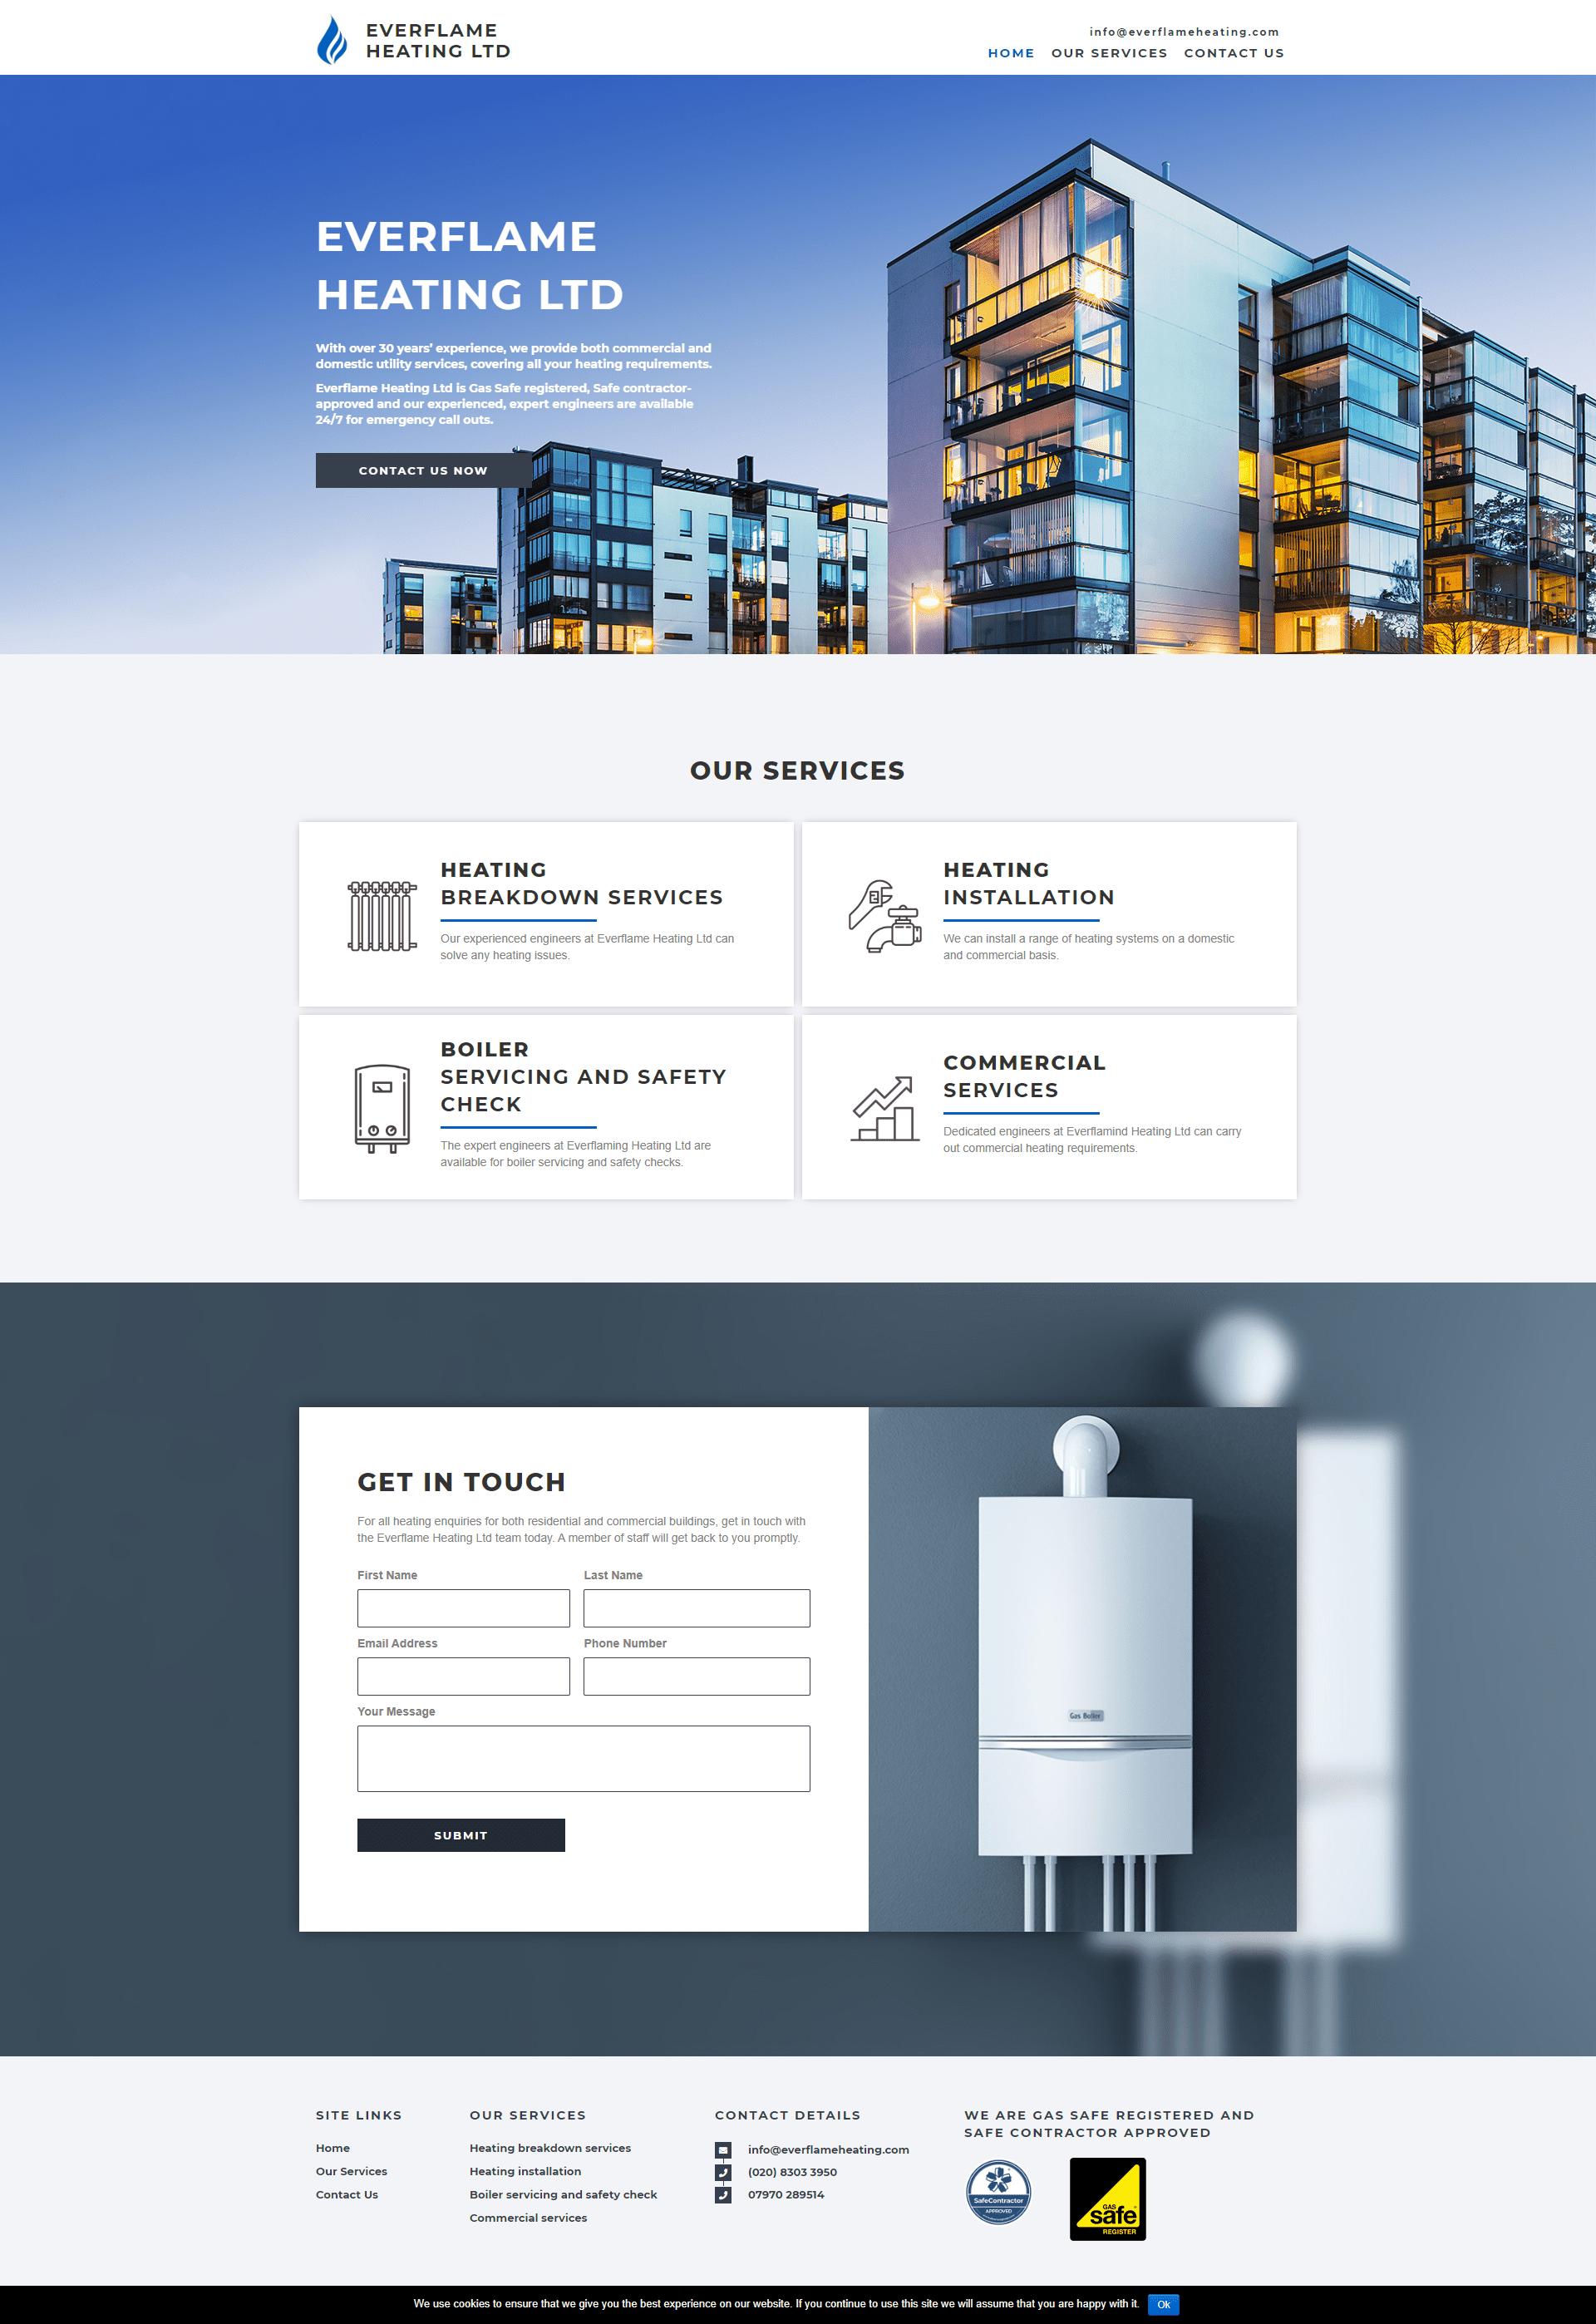 Everflame Heating Desktop (1)